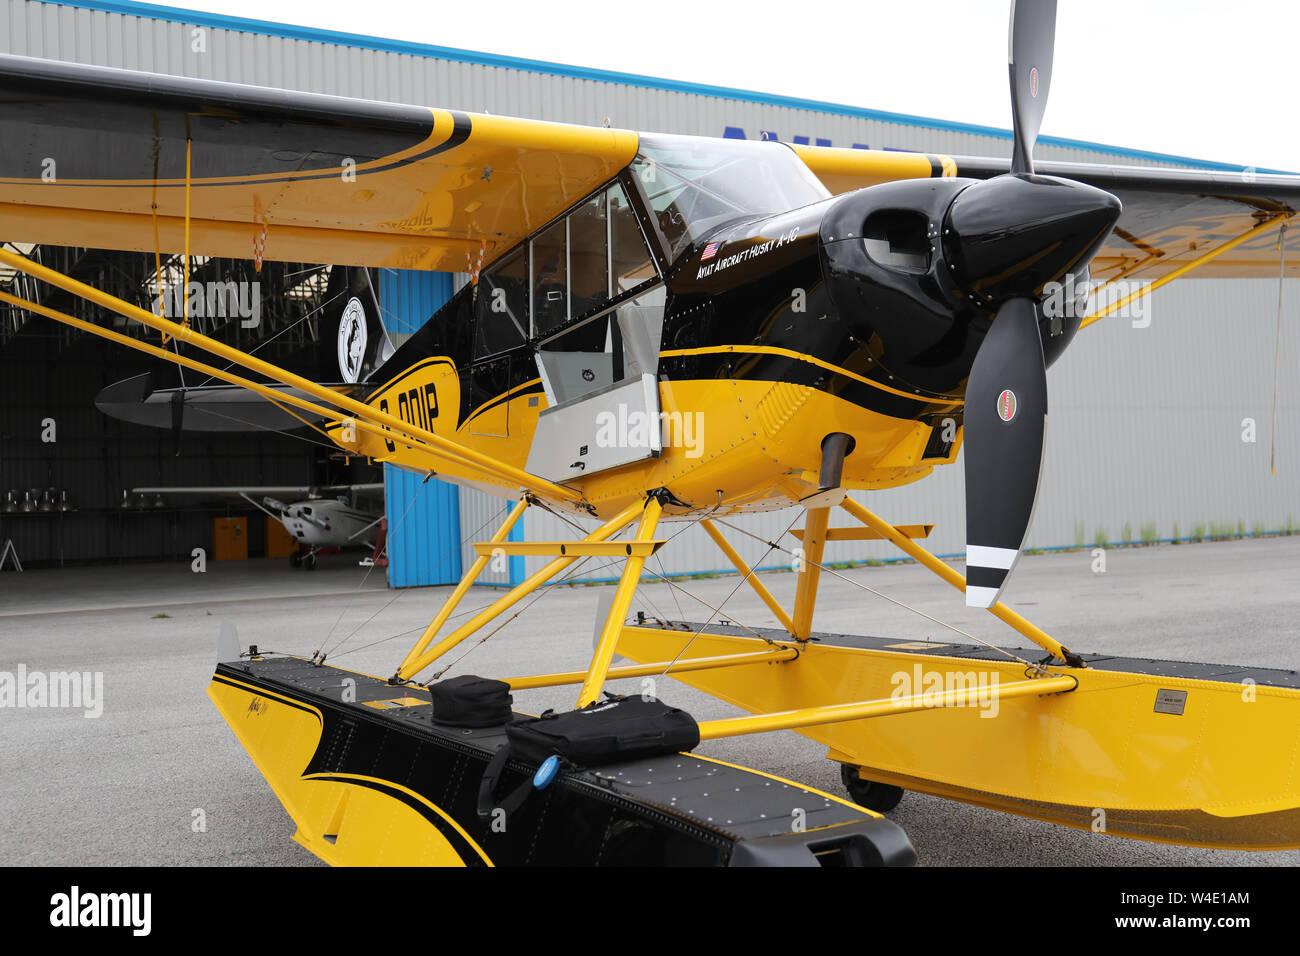 Un Beagle jaune un Husky-1C garé par le hangar de l'Aéroport Parc de l'Aviation, Hawarden, Chester, Royaume-Uni Banque D'Images